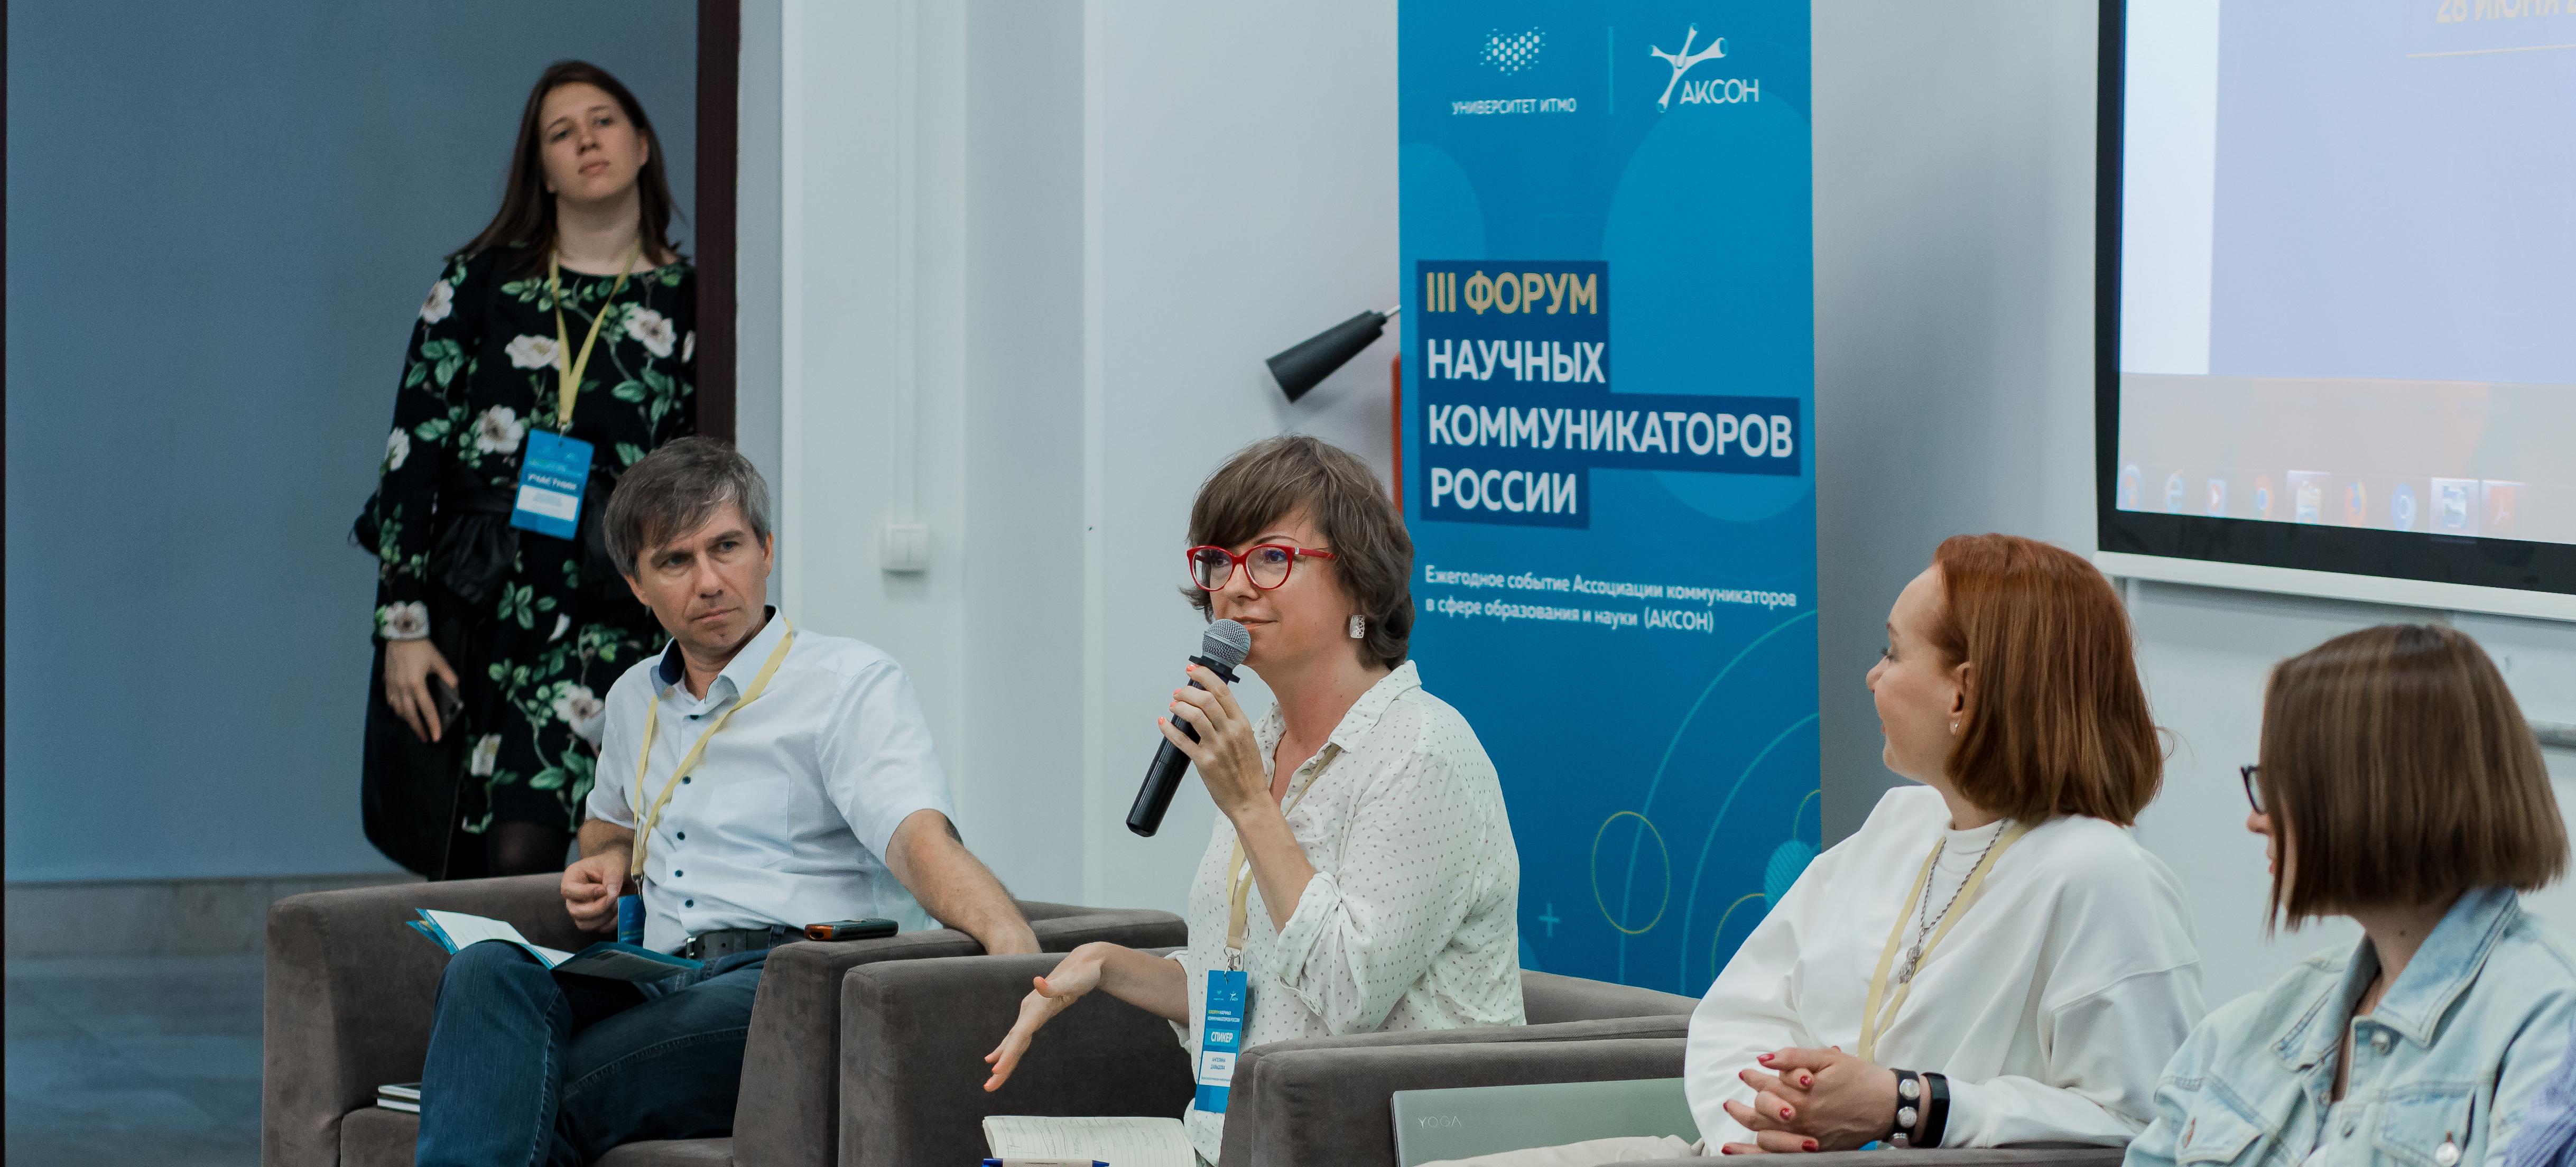 Фото: III Форум научных коммуникаторов России в 2019 году